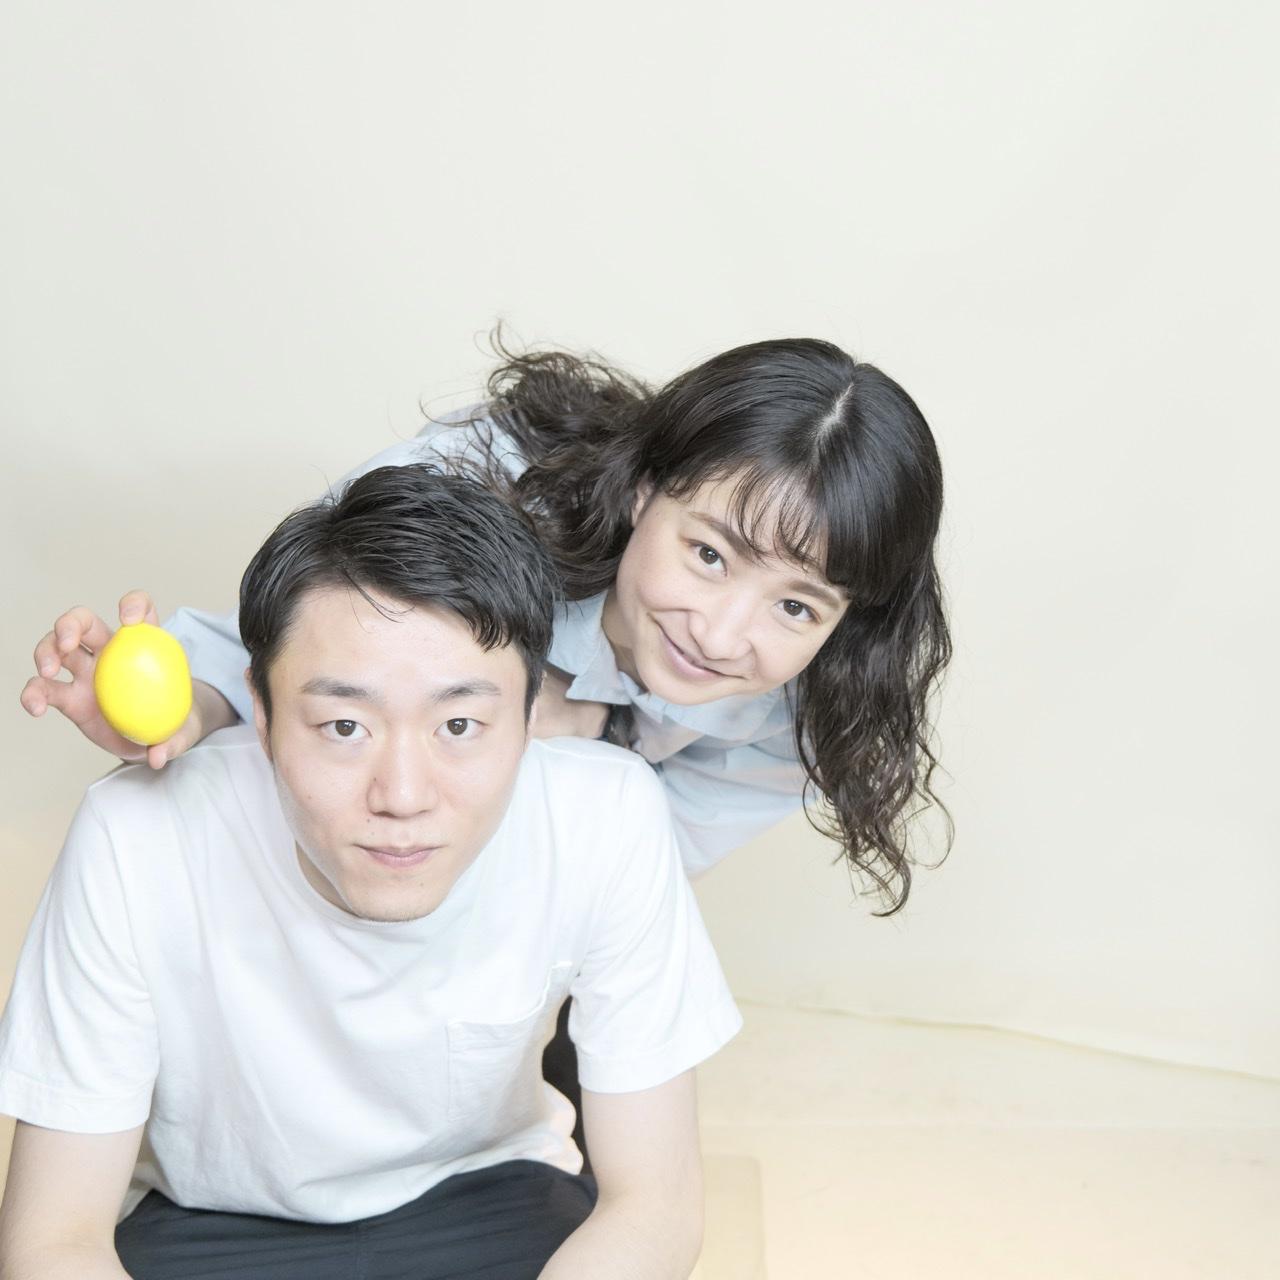 韓国で大人気!【セルフ写真館】が最高に楽しい!!_2